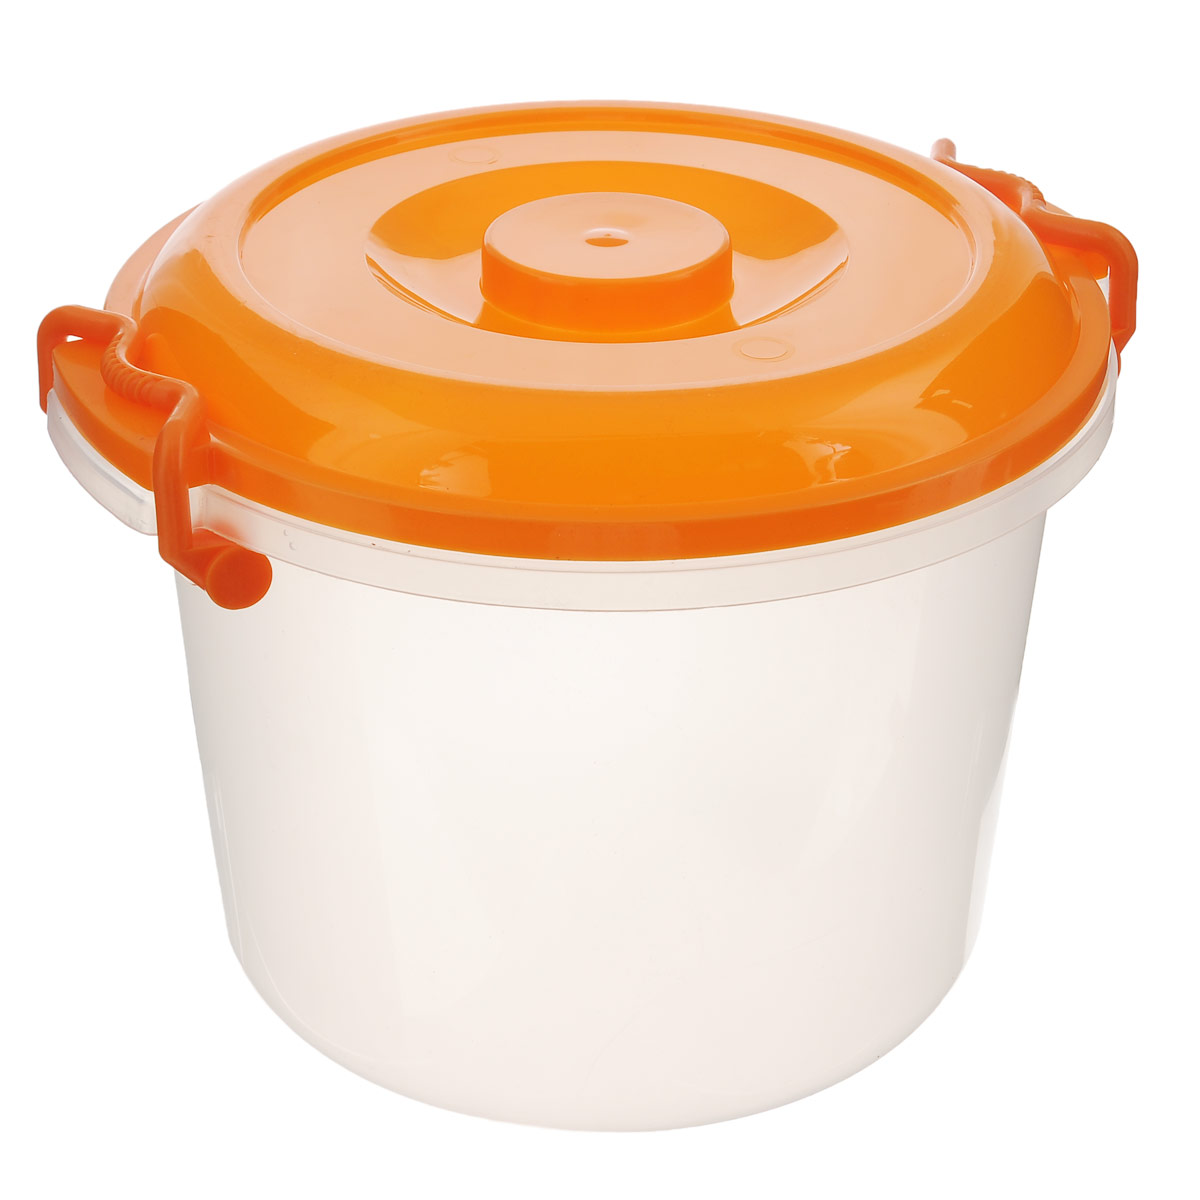 Контейнер Альтернатива, цвет: оранжевый, прозрачный, 8 лМ098Контейнер Альтернатива изготовлен из высококачественного пищевого пластика. Изделие оснащено крышкой и ручками, которые плотно закрывают контейнер. Также на крышке имеется ручка для удобной переноски. Емкость предназначена для хранения различных бытовых вещей и продуктов.Такой контейнер очень функционален и всегда пригодится на кухне.Диаметр контейнера (по верхнему краю): 25 см. Высота контейнера (без учета крышки): 21 см. Объем: 8 л.